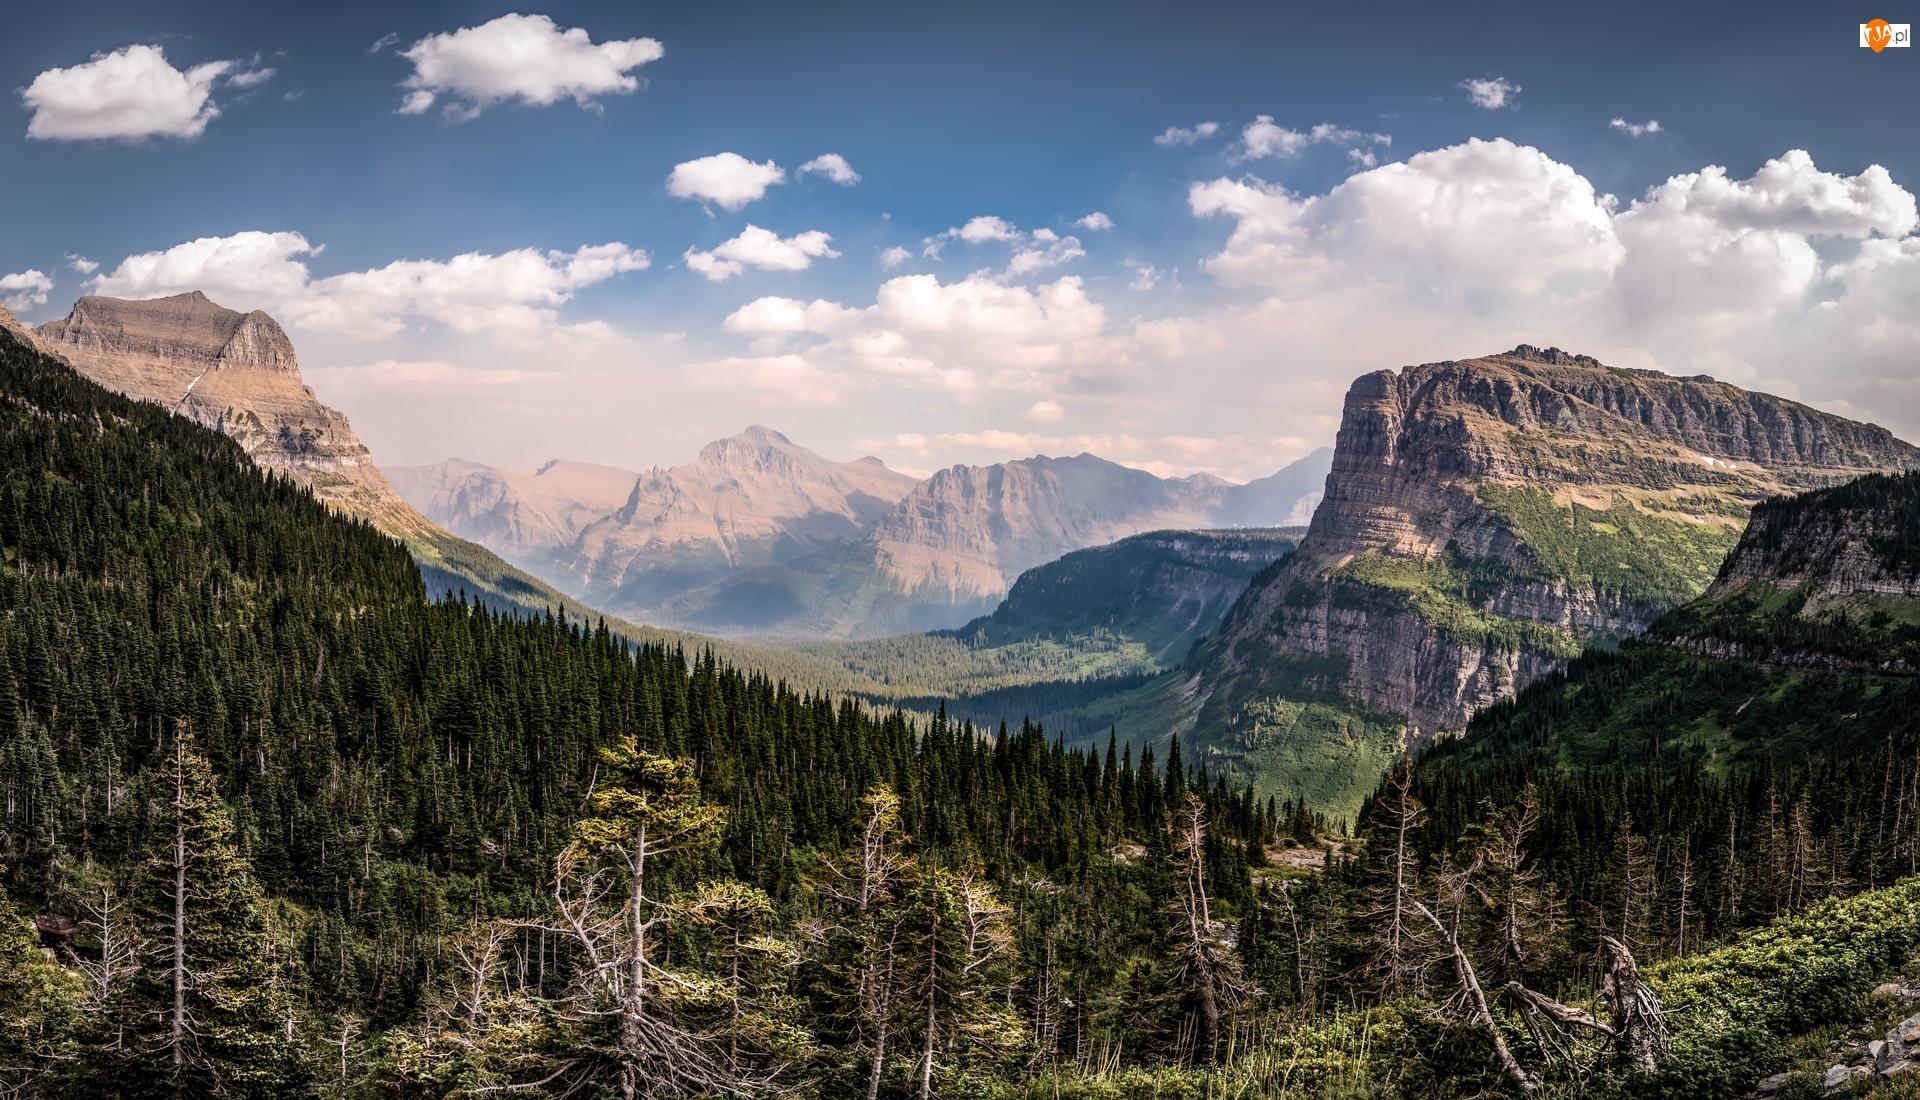 Góry Skaliste, Park Narodowy Glacier, Chmury, Stany Zjednoczone, Las, Montana